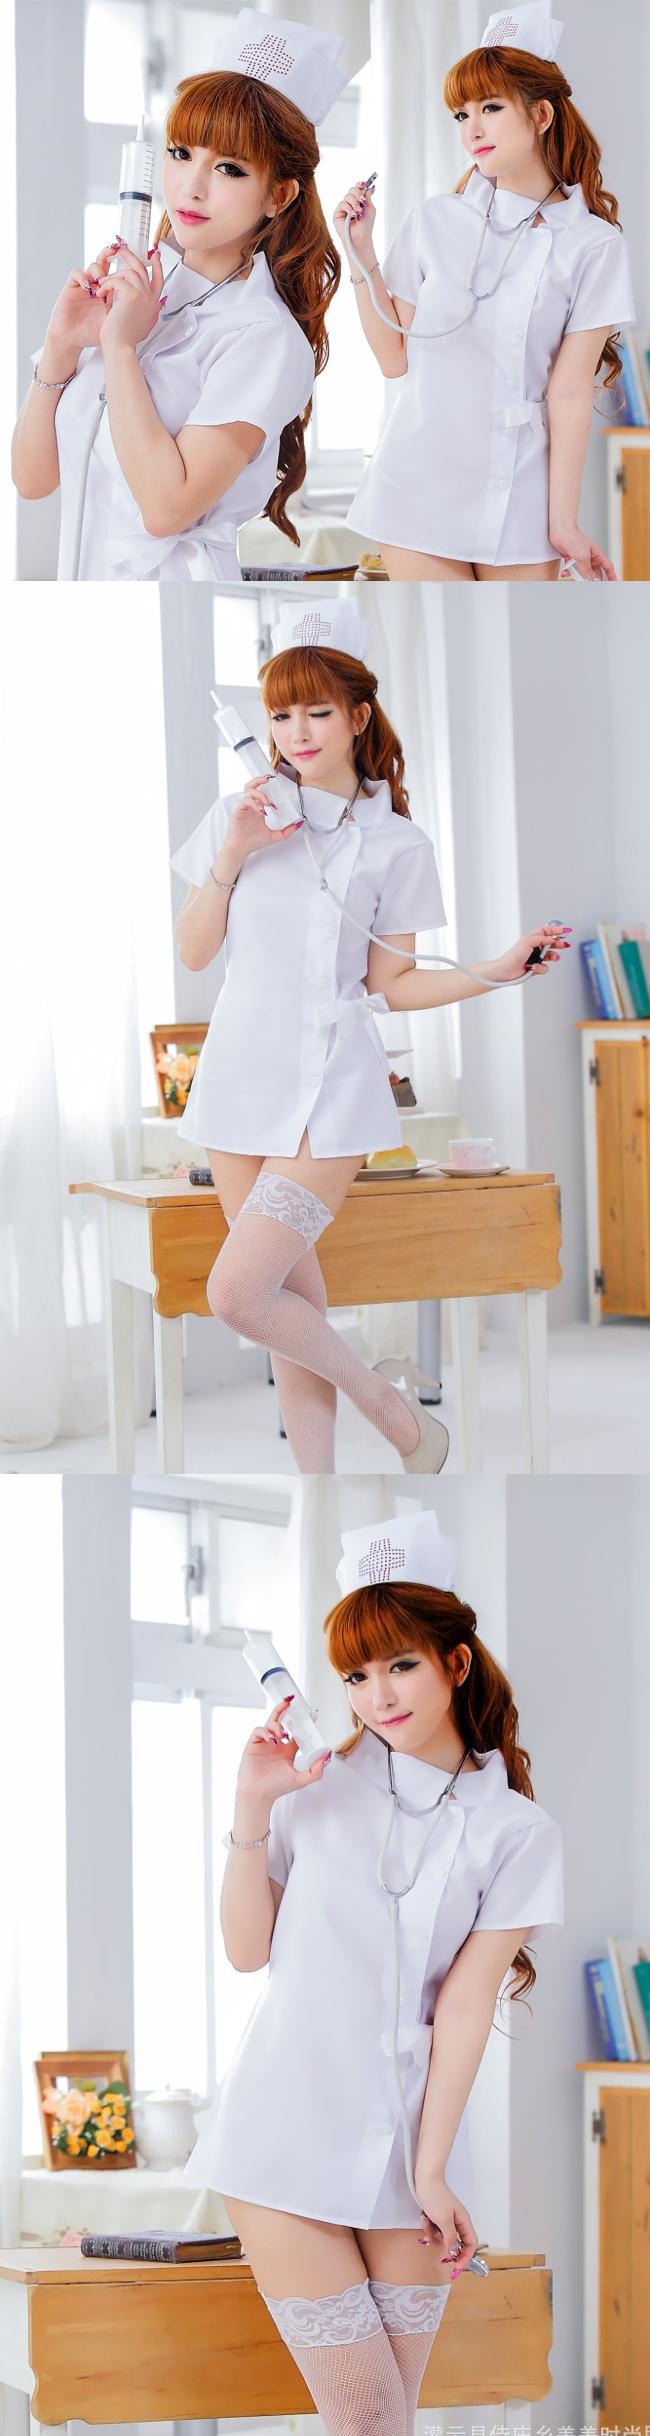 섹시 간호사의 미니원피스[BA_C0110]